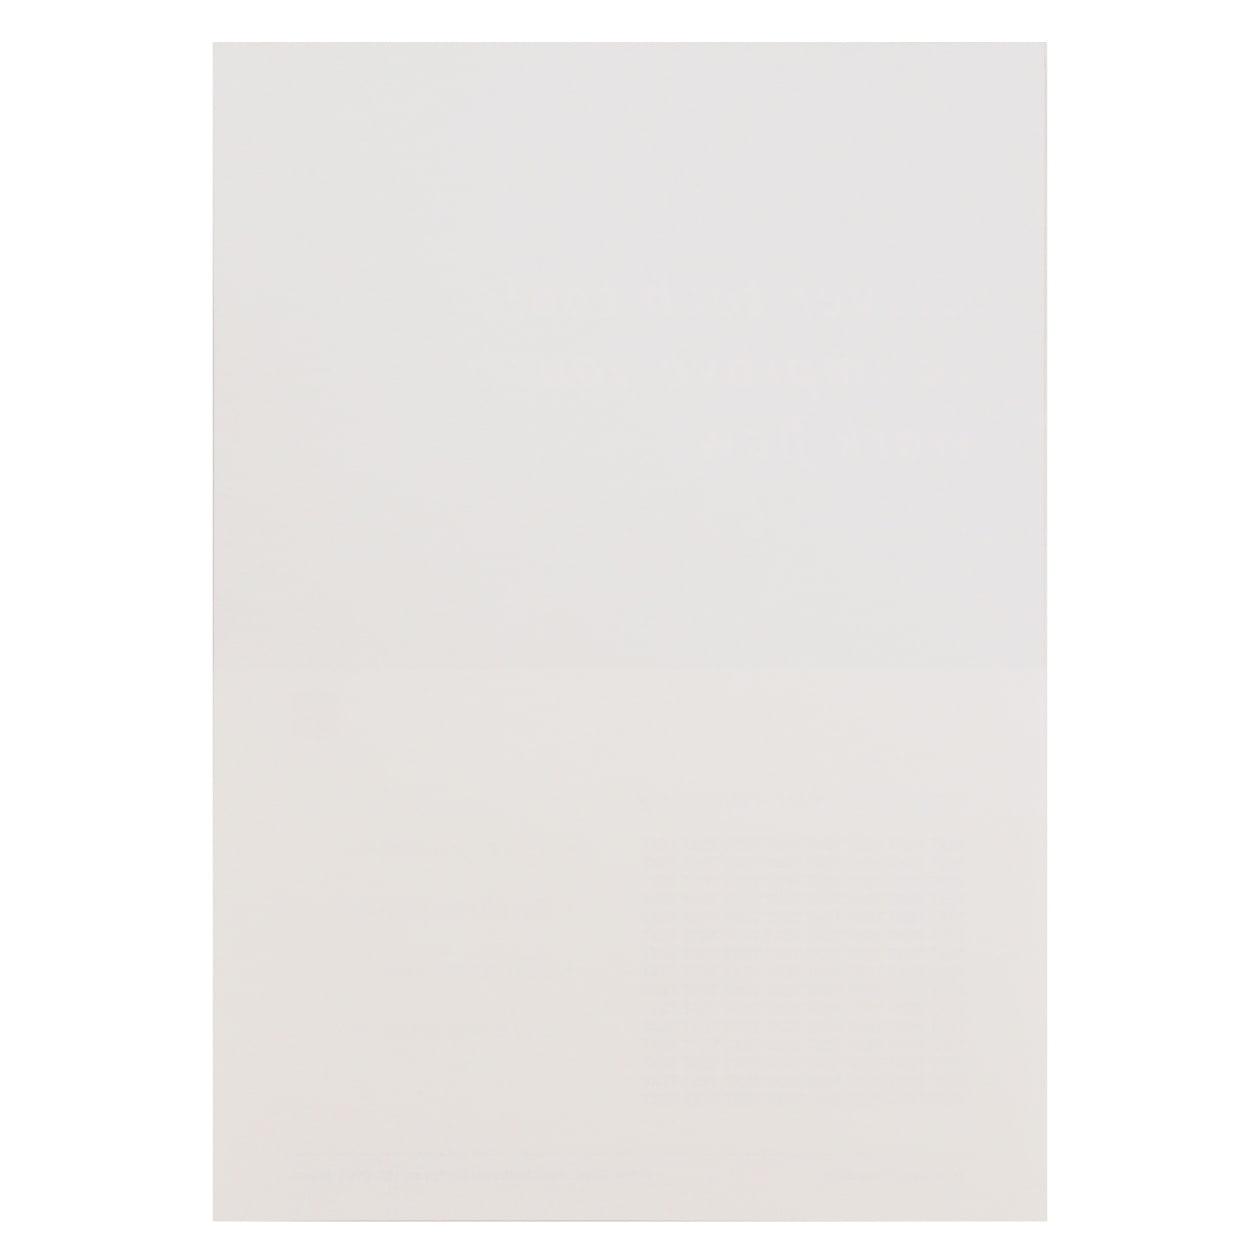 サンプル カード・シート 00178